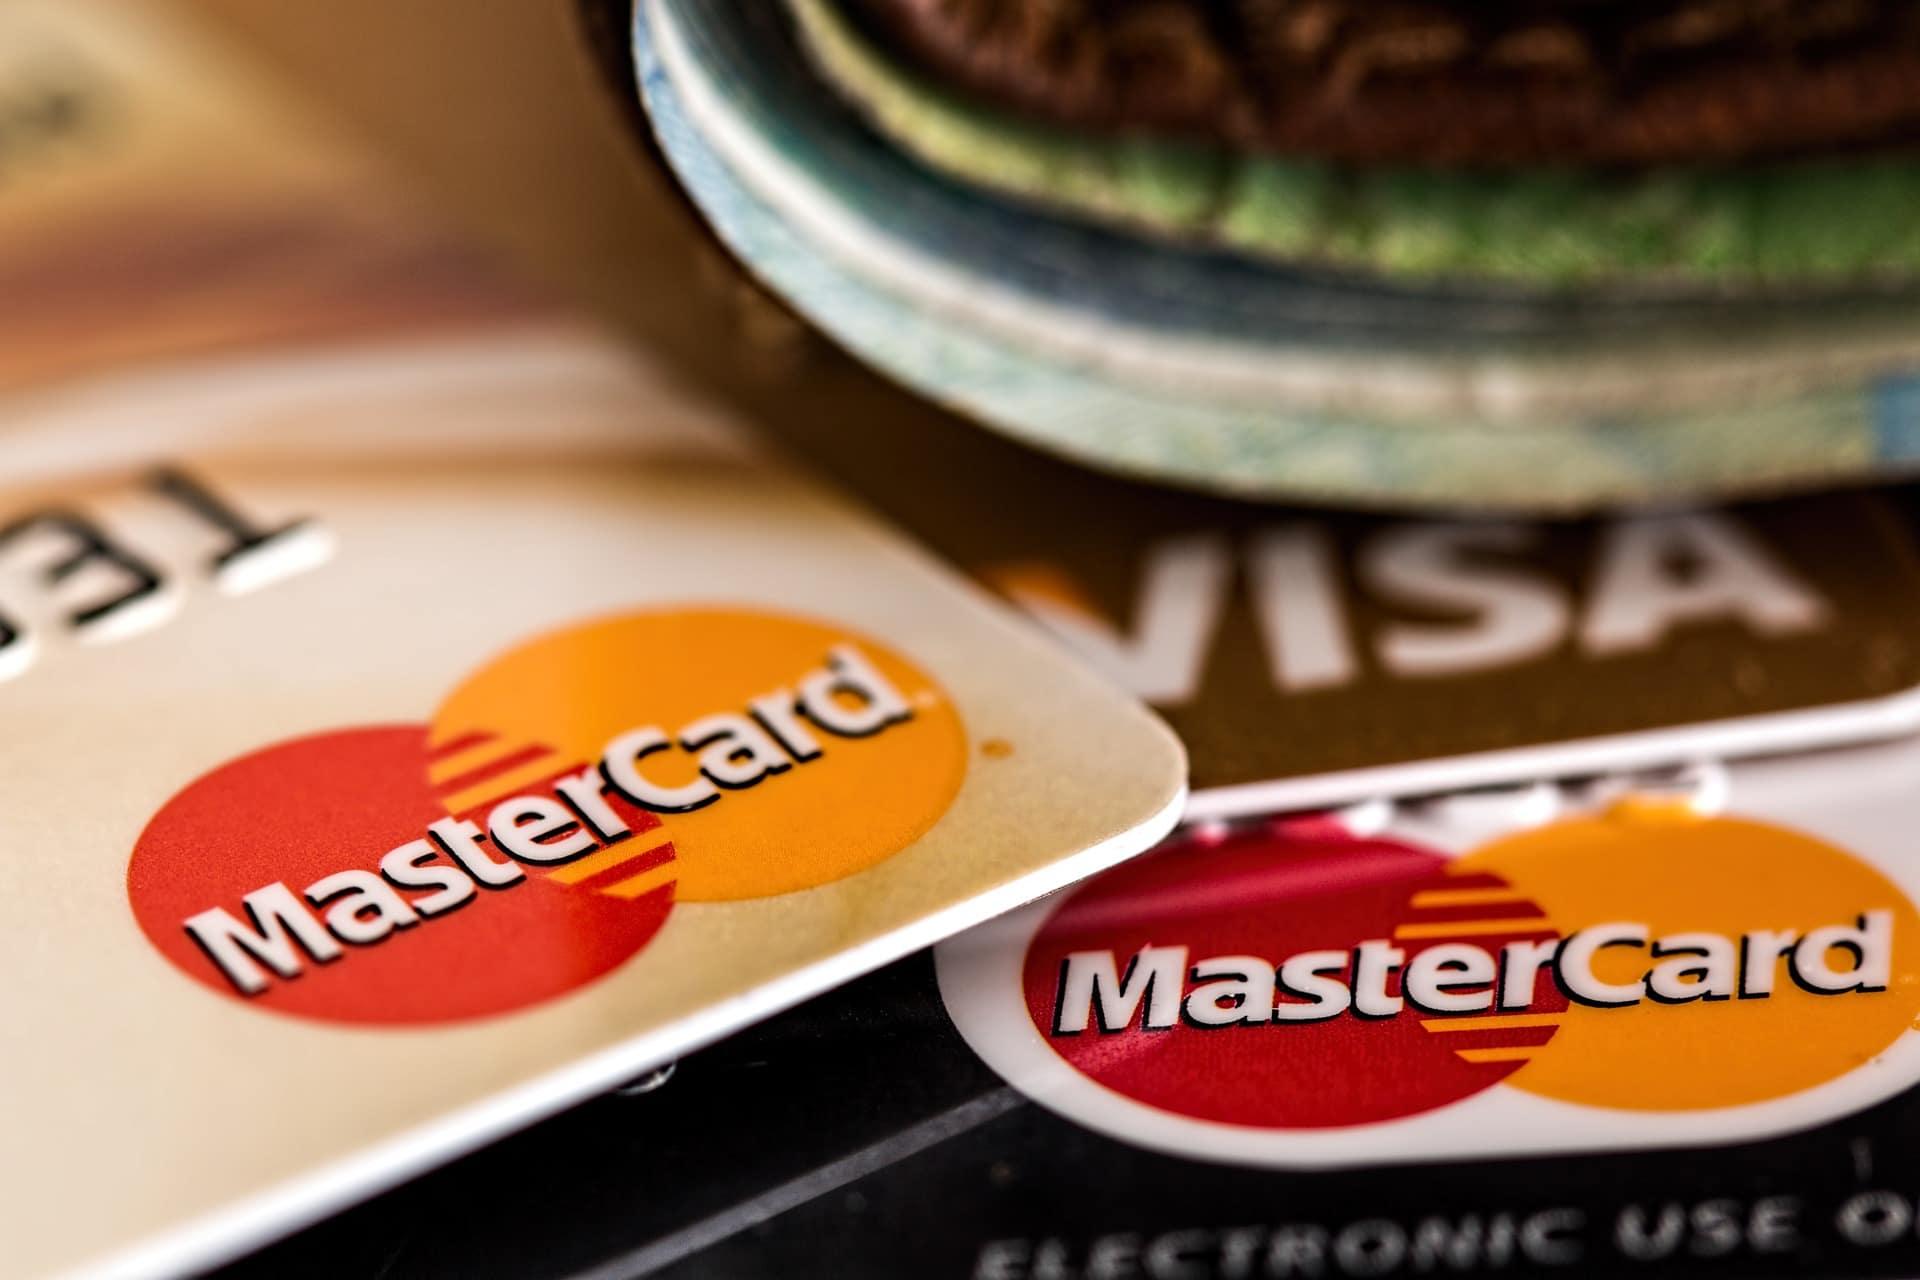 ¿Qué es mejor, una tarjeta de débito o una de crédito?